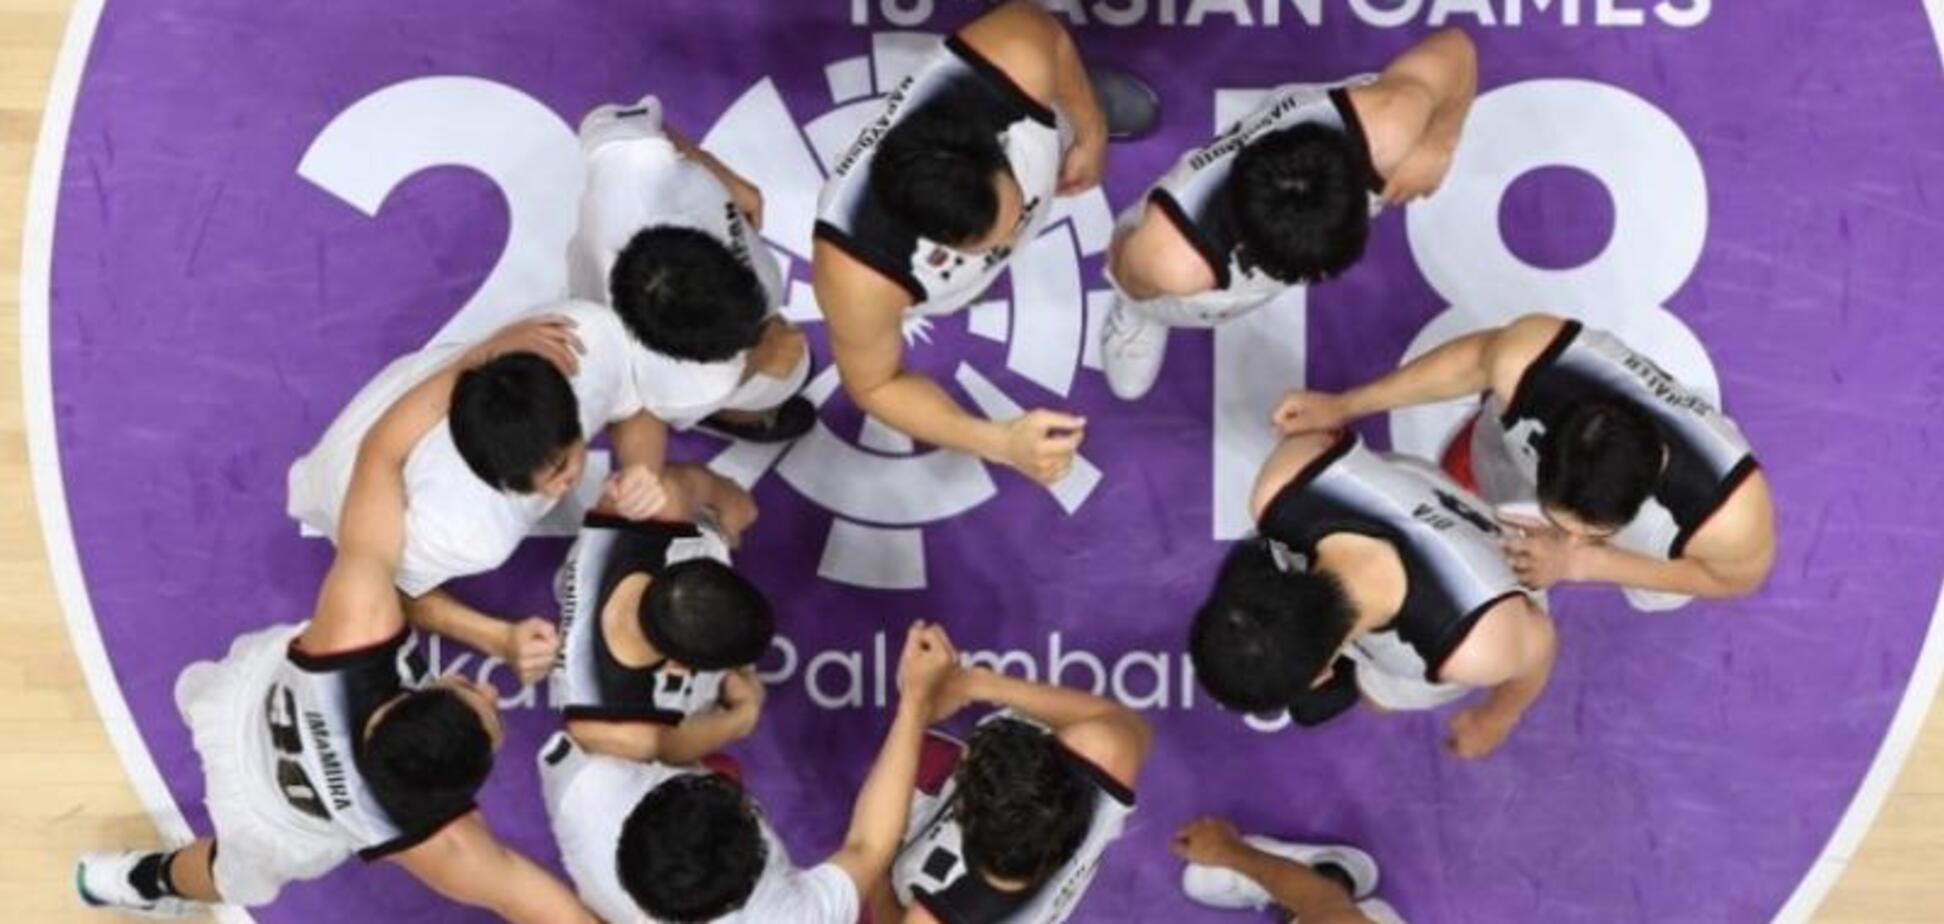 На Азіатських іграх спалахнув грандіозний секс-скандал